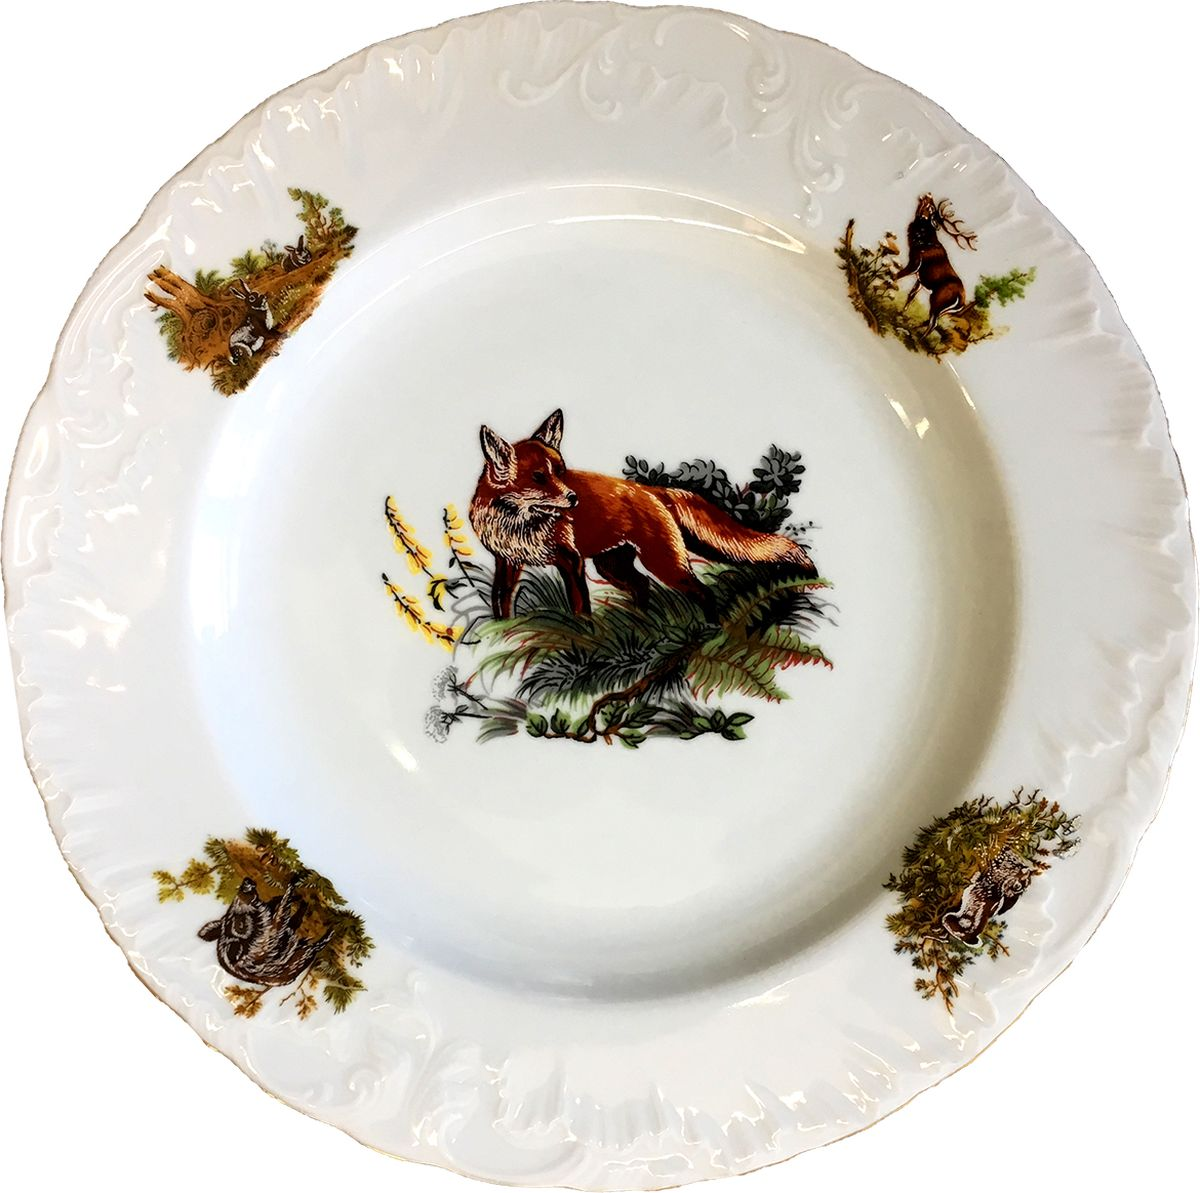 """Блюдо круглое """"Rococo. Охота"""" - одна из старейших форм, производимых десятилетиями заводом """"Cmielow"""". Это пример """"исторической актуальности"""" заложенной в элегантную форму.  Блюдо изготовлено из высококачественного польского фарфора и декорировано в стиле """"Охота Белая""""."""